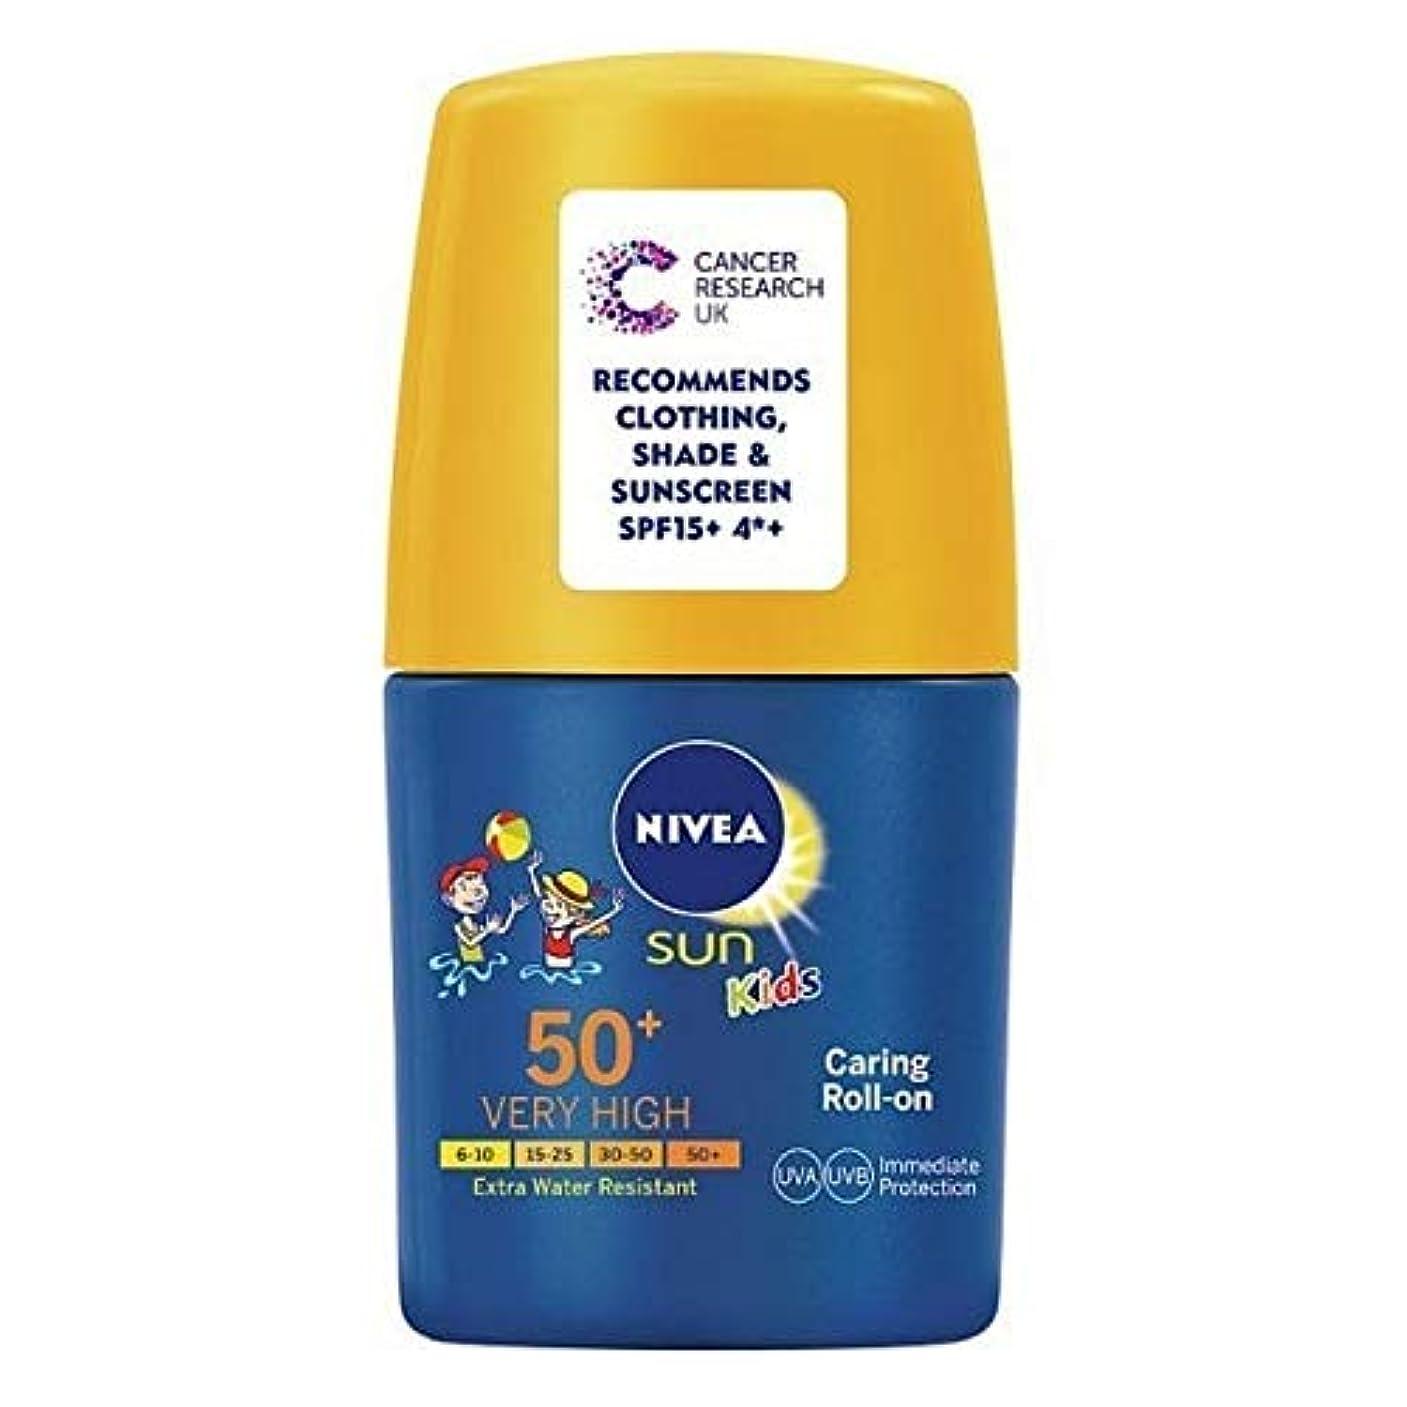 学習者ベッド空虚[Nivea ] ニベア日の子供の日焼け止めクリームロールオンSpf 30、50ミリリットル - NIVEA SUN Kids Suncream Roll-On SPF 30, 50ml [並行輸入品]